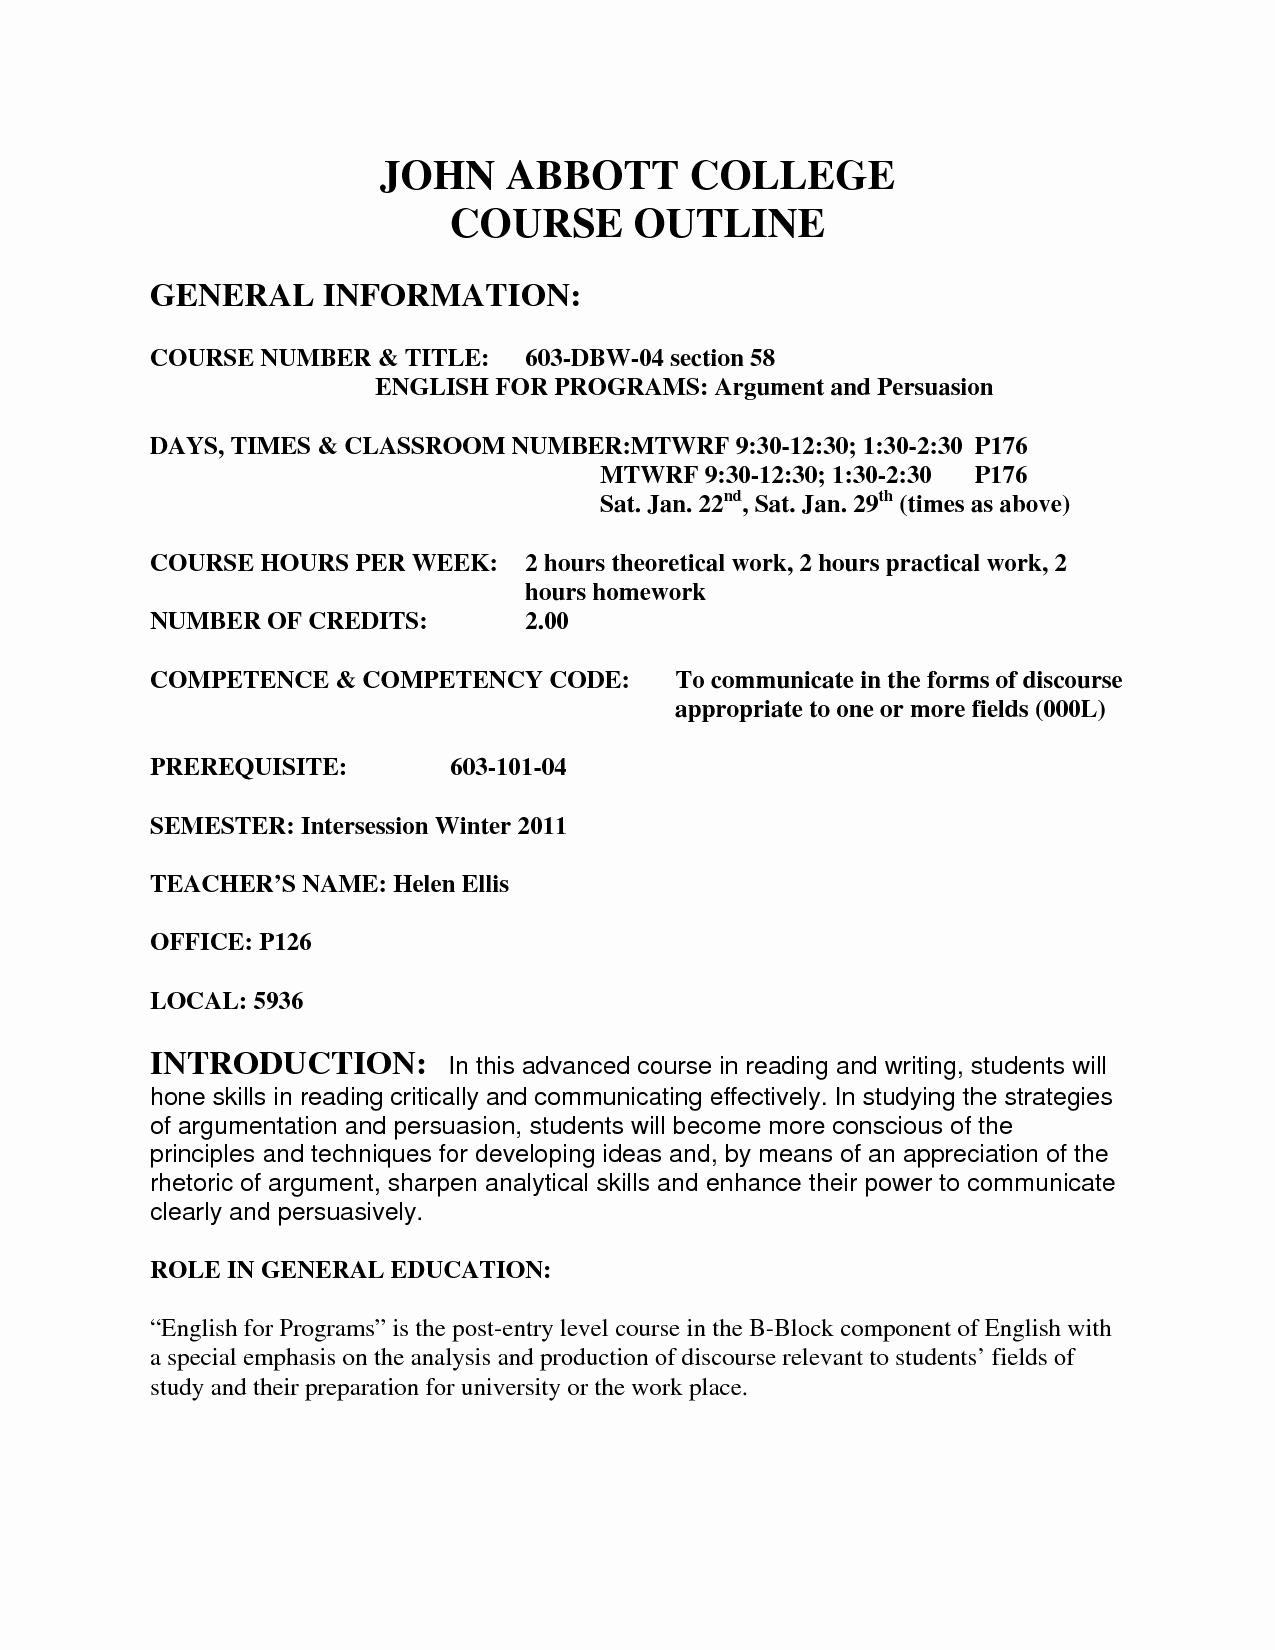 52 College Level Persuasive Essay Examples Persuasive